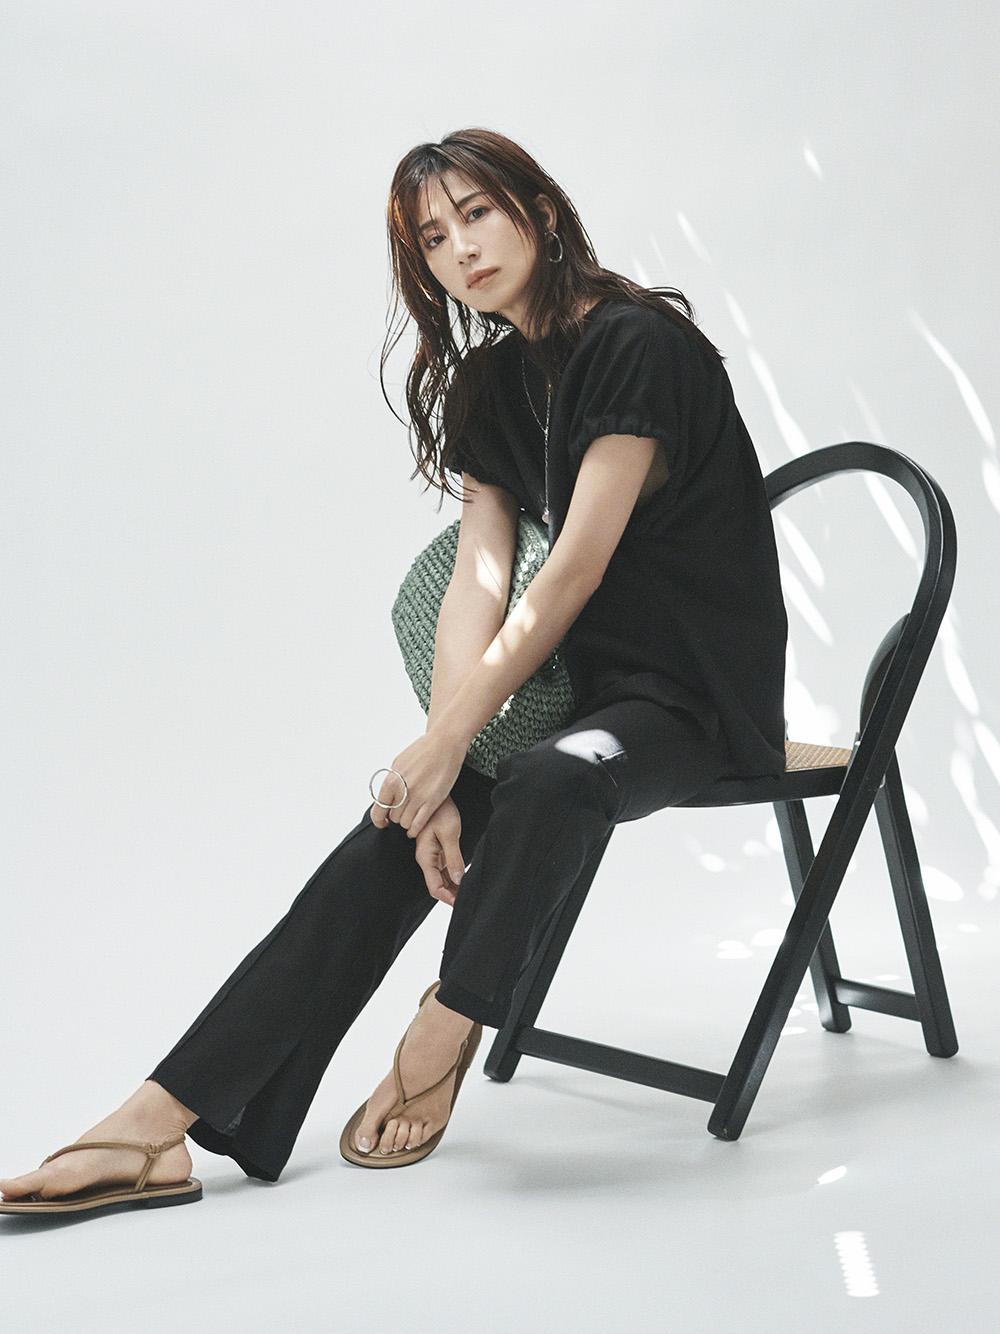 【オフィシャル限定】リネン混SETUPギャザースリーブTOP